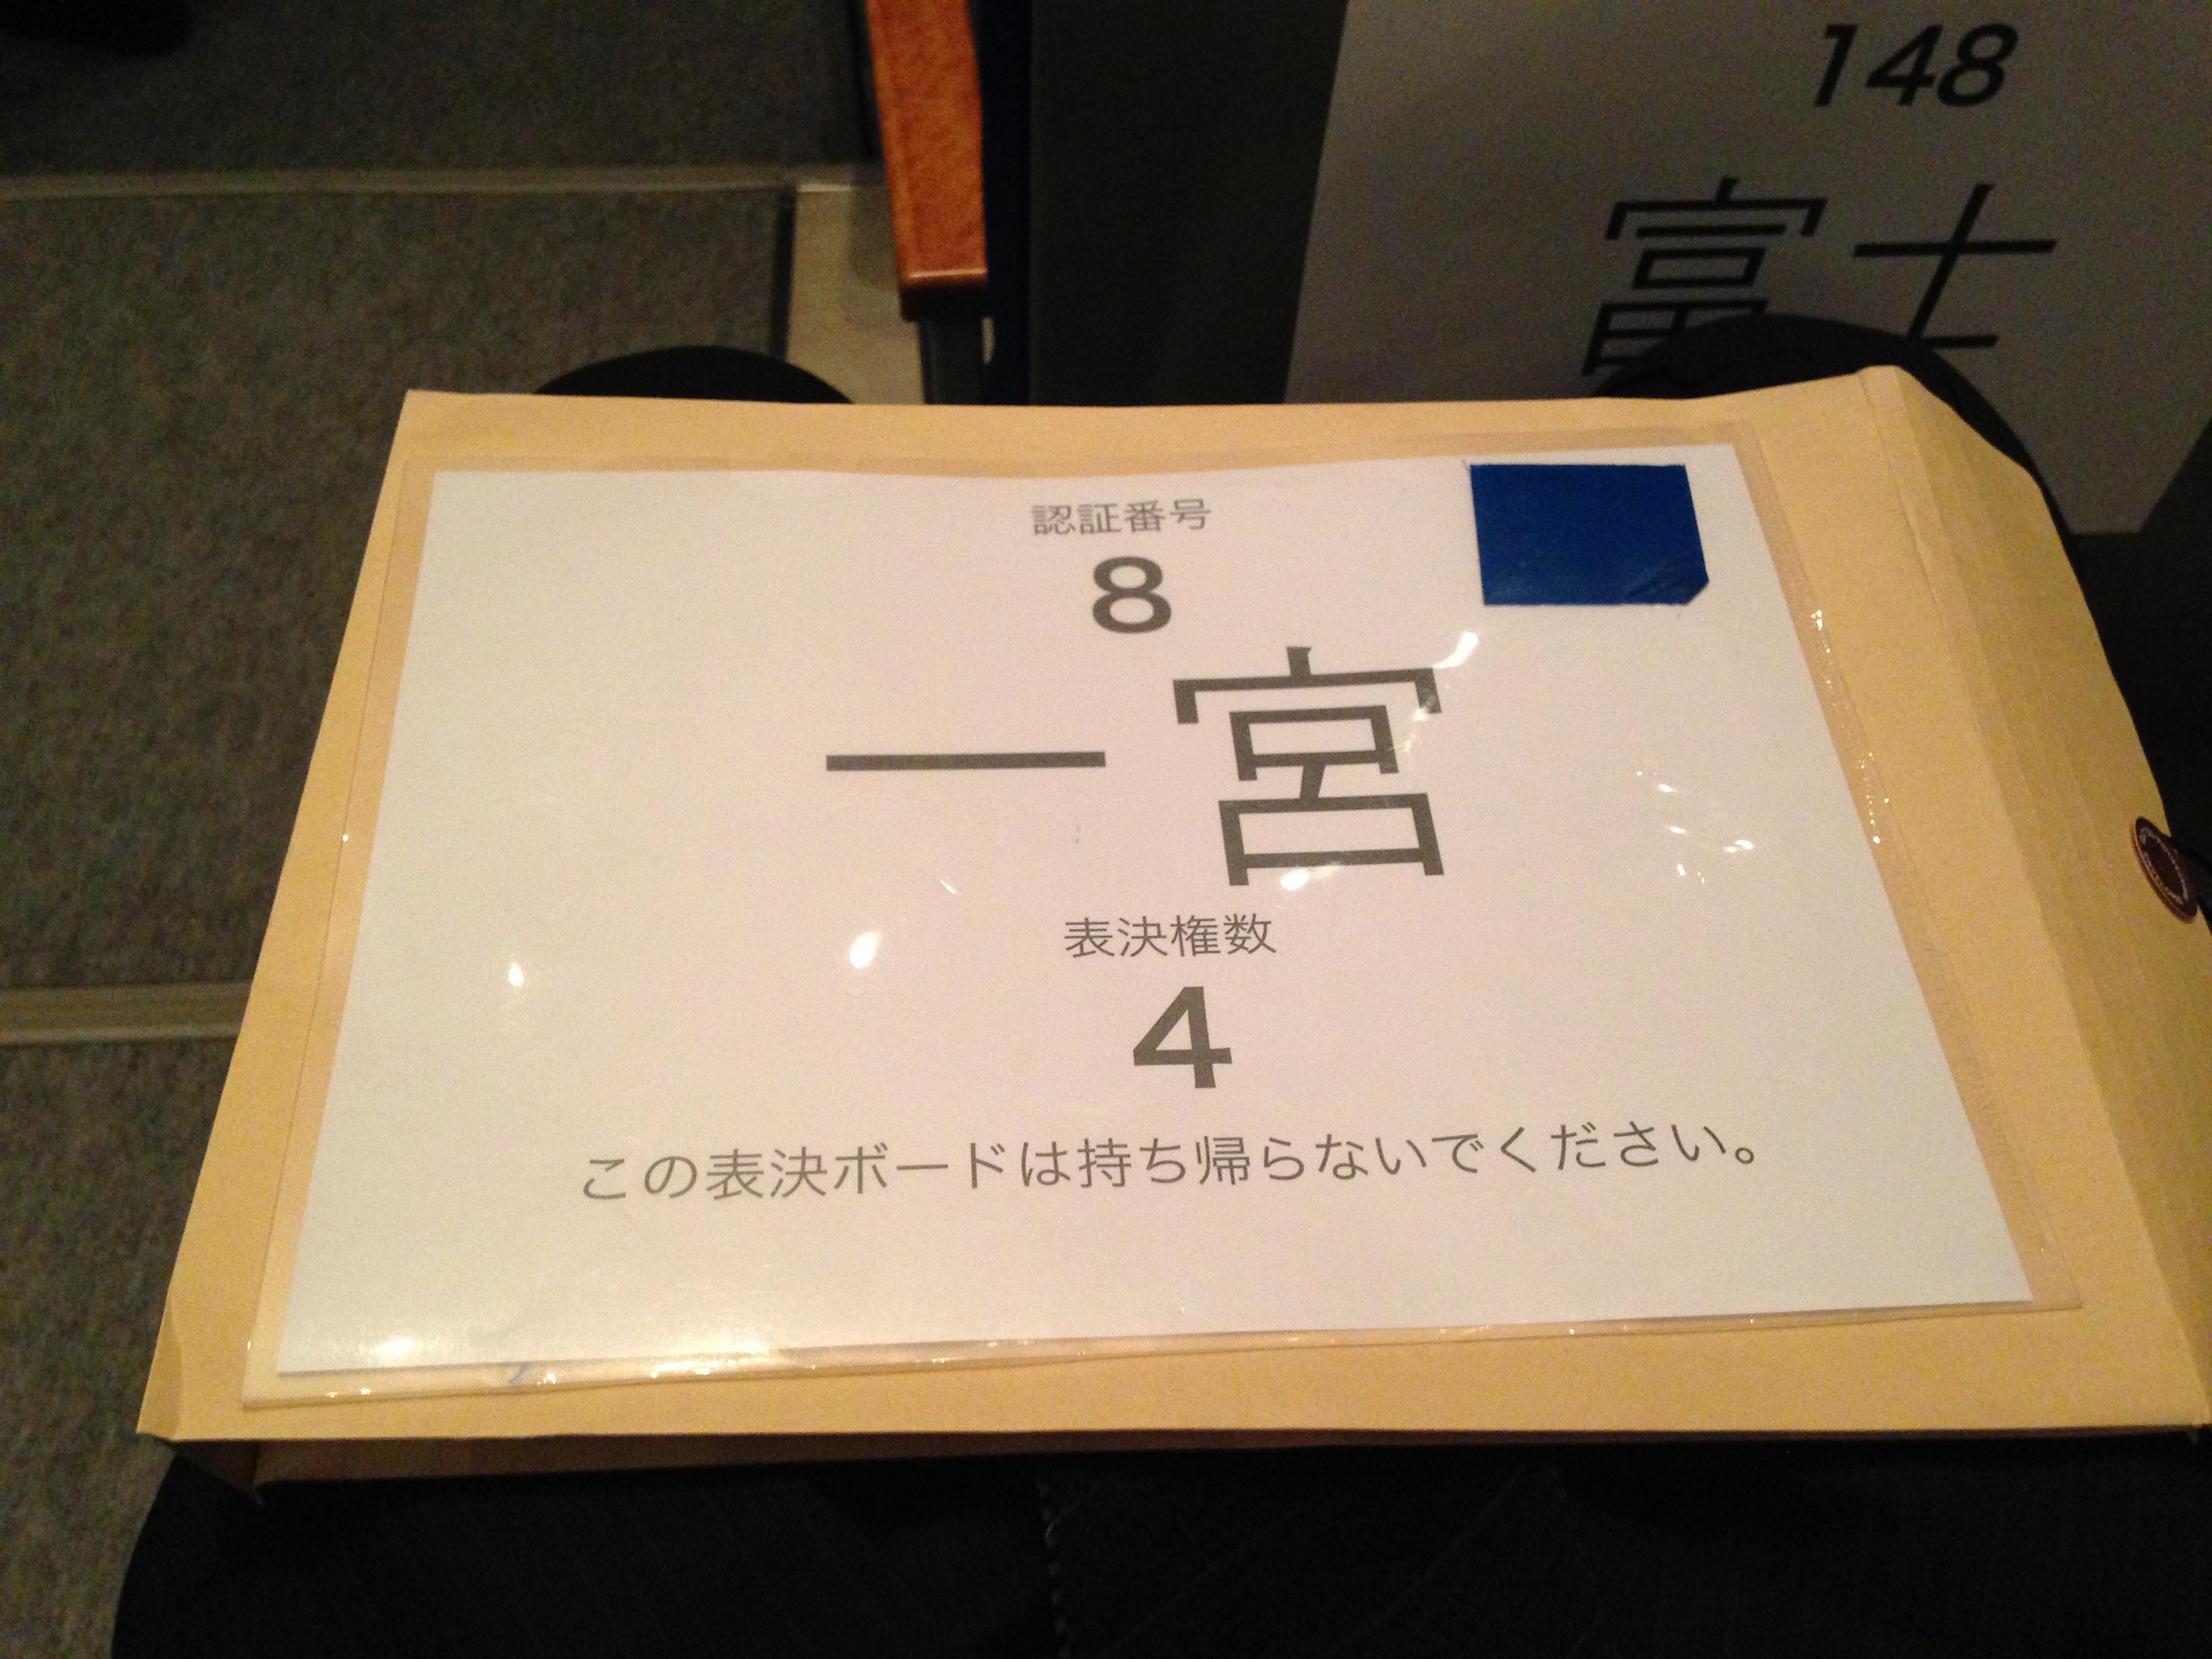 20140309_復興創造フォーラム2日目 (6)